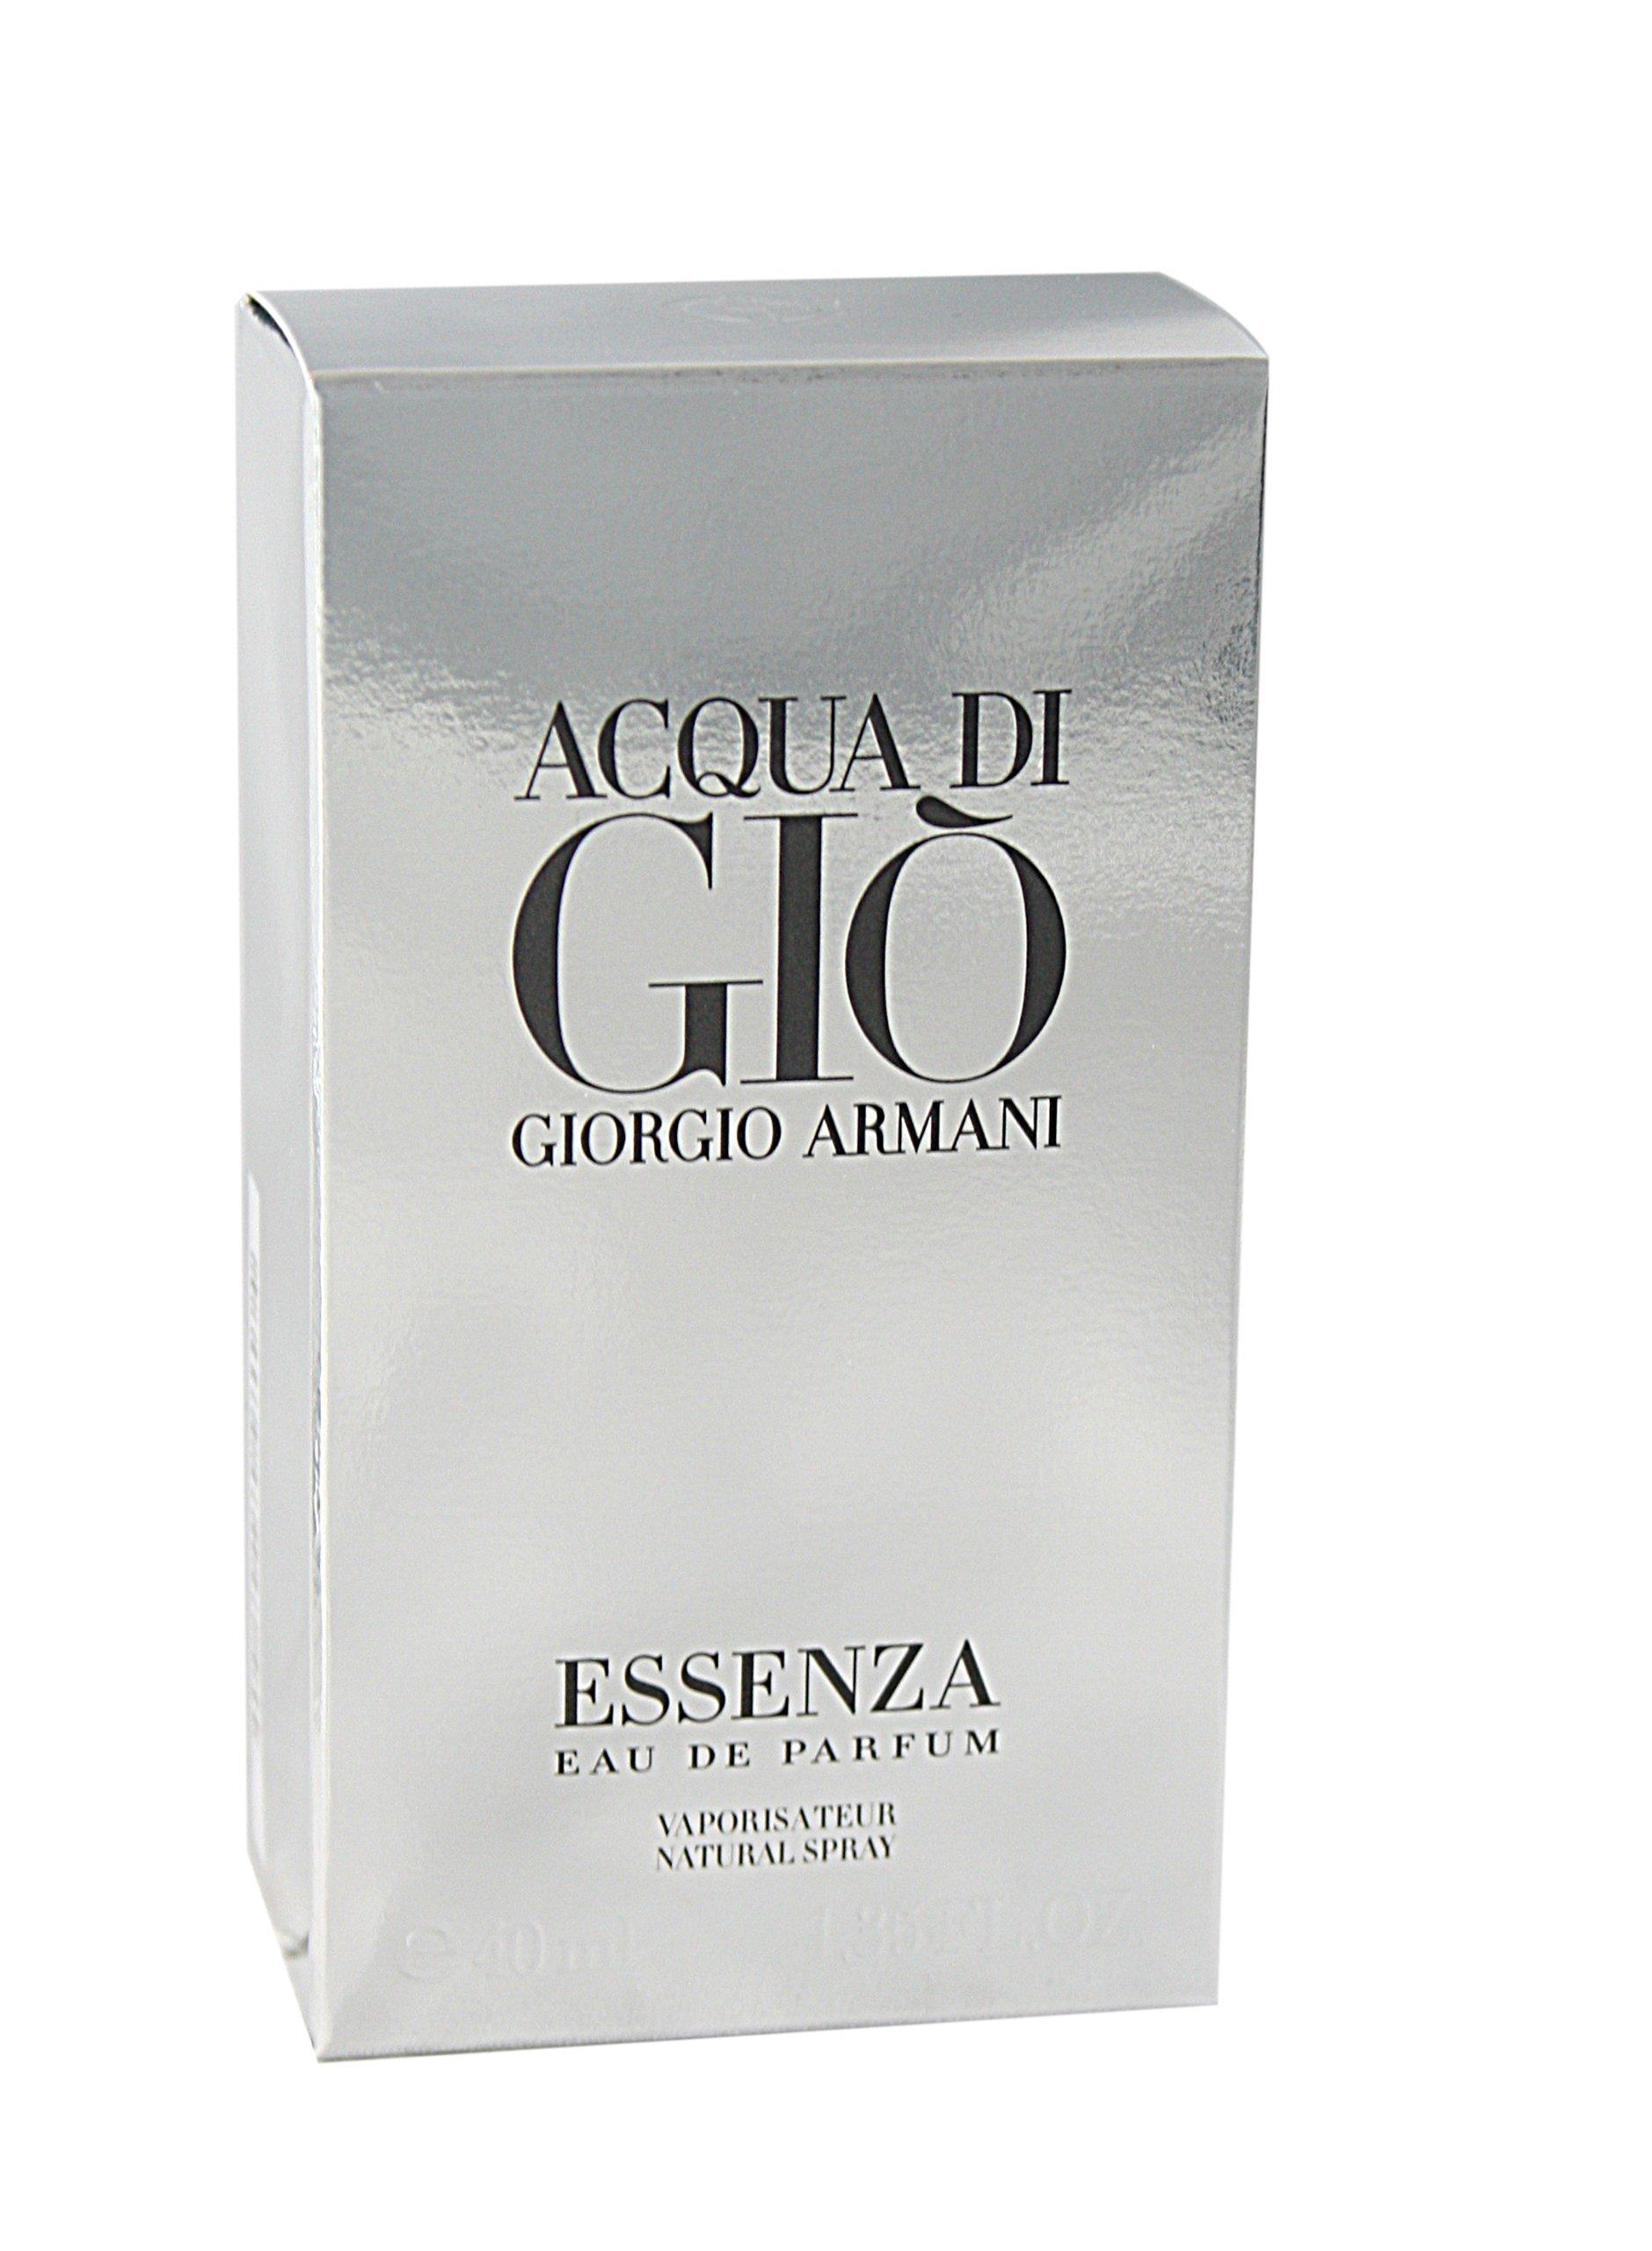 Giorgio Armani Acqua Di Gio Essenza Eau De Parfum Spray for Men, 6 Ounce by GIORGIO ARMANI (Image #2)